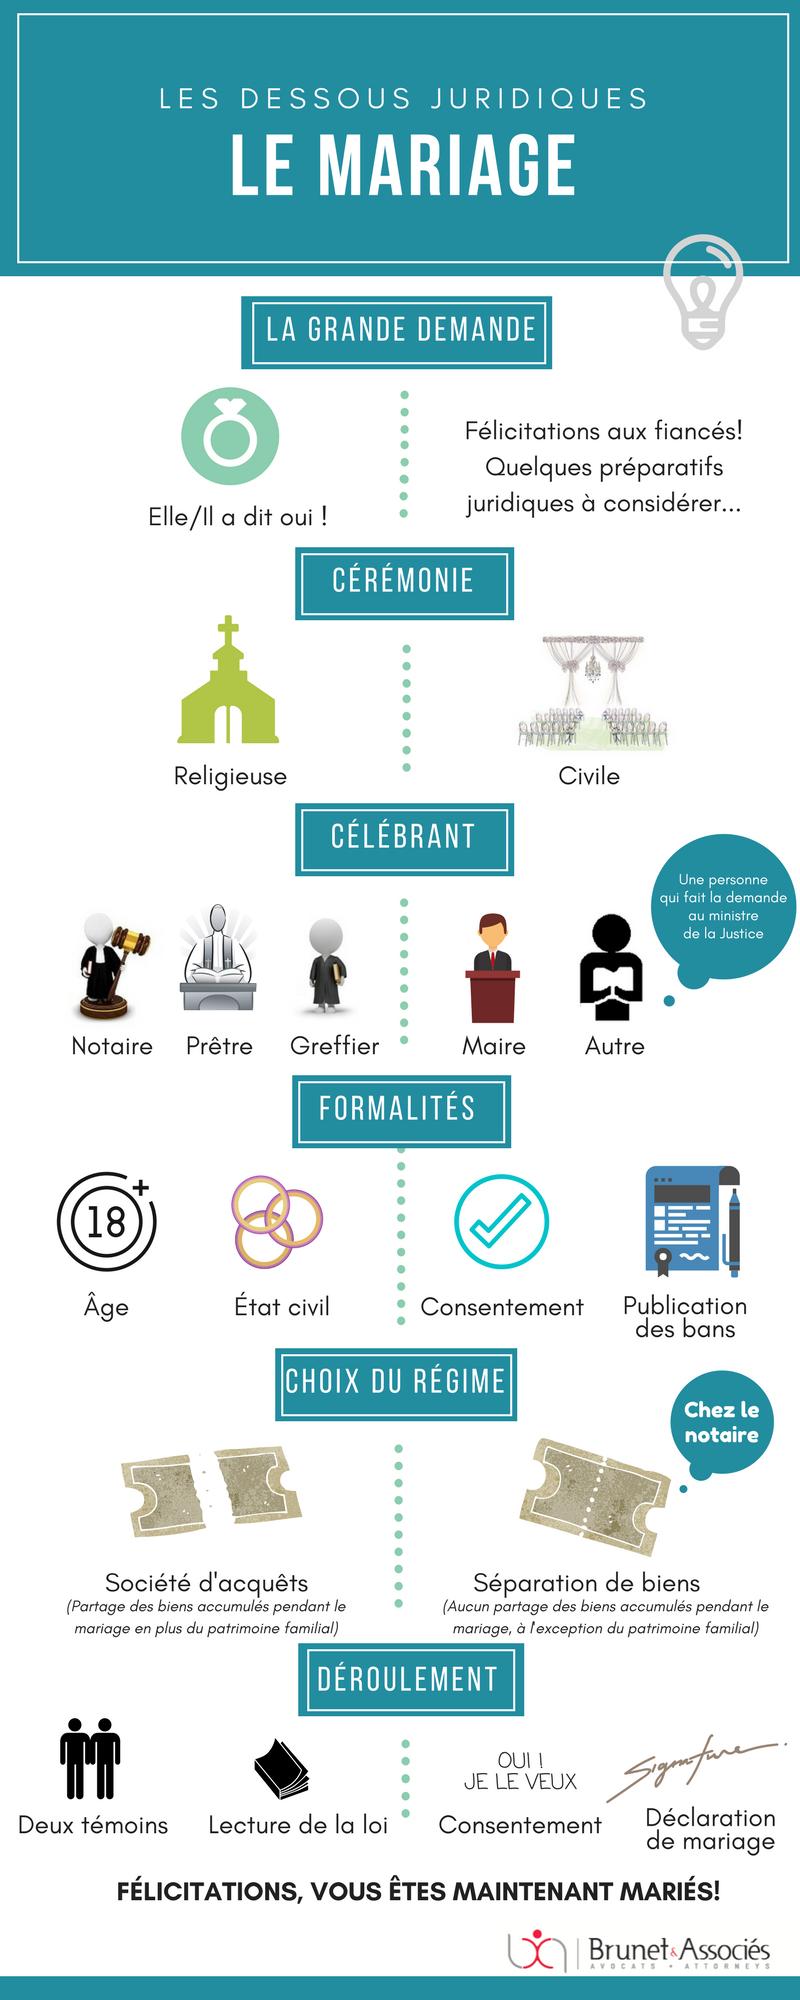 Infographie - Les dessous juridique du mariage par Brunet et Associés